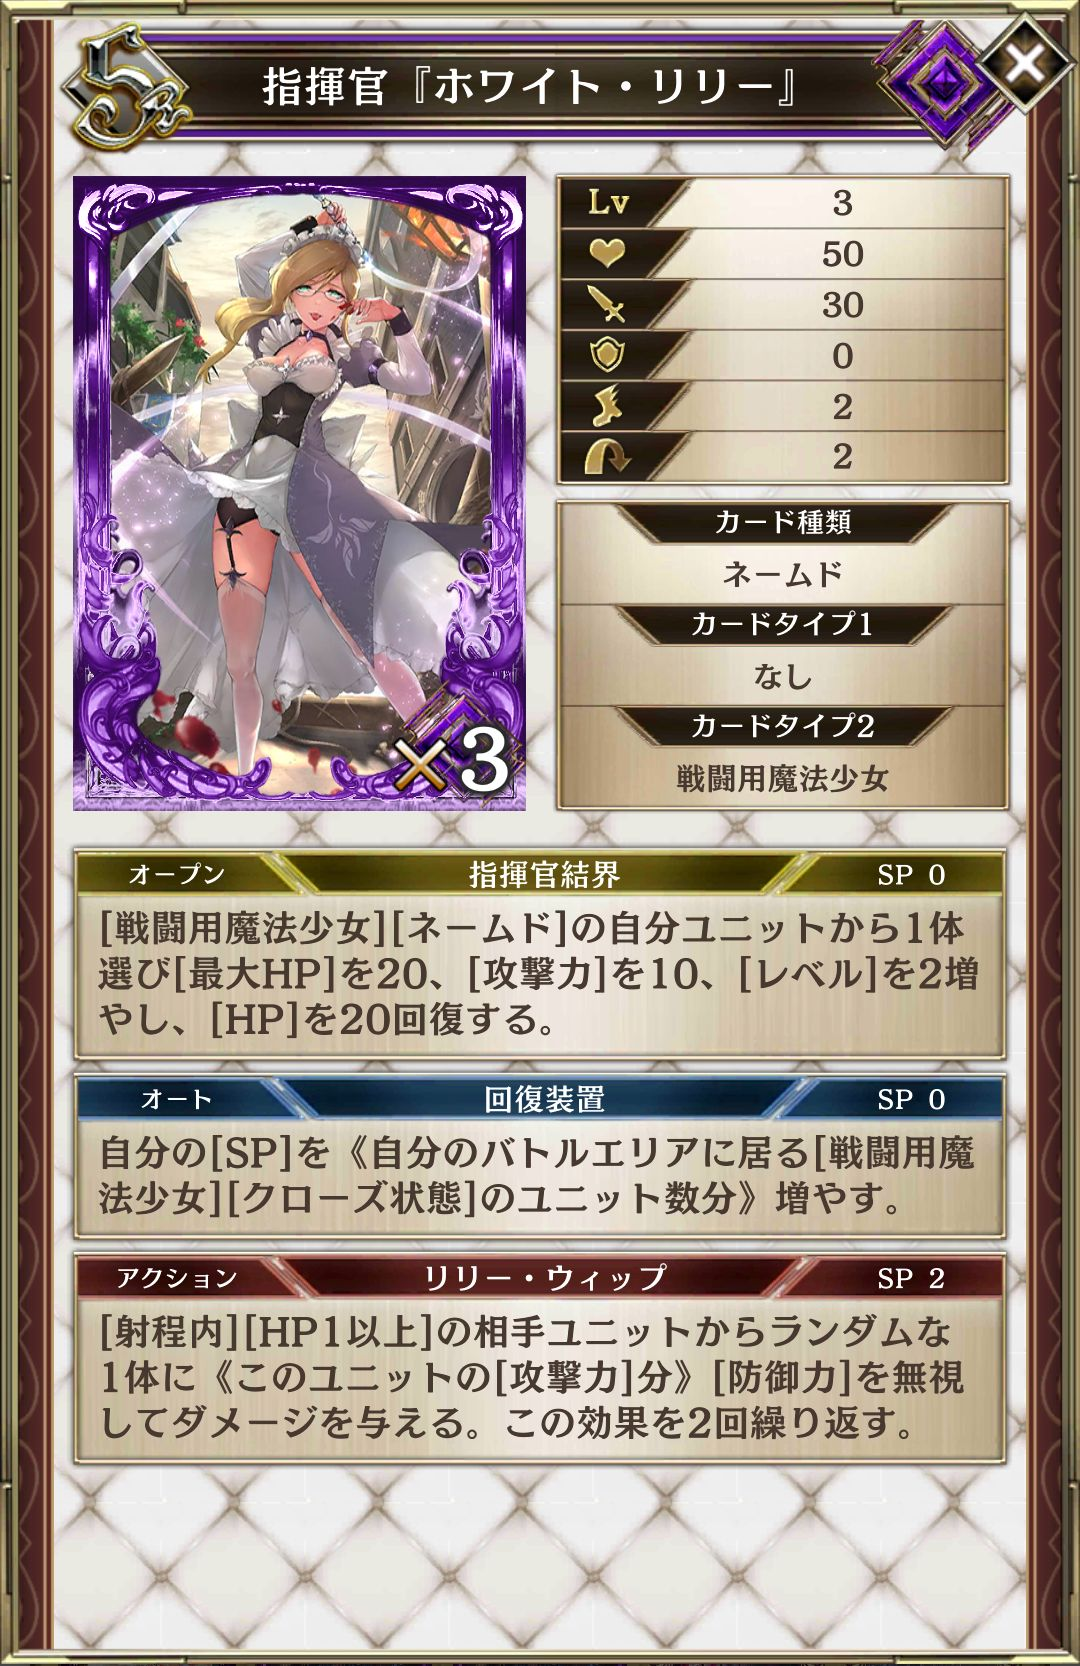 アルテイルNEO【攻略】: 再アクションが強烈!「聖域攻防戦」版戦闘用魔法少女デッキ解説